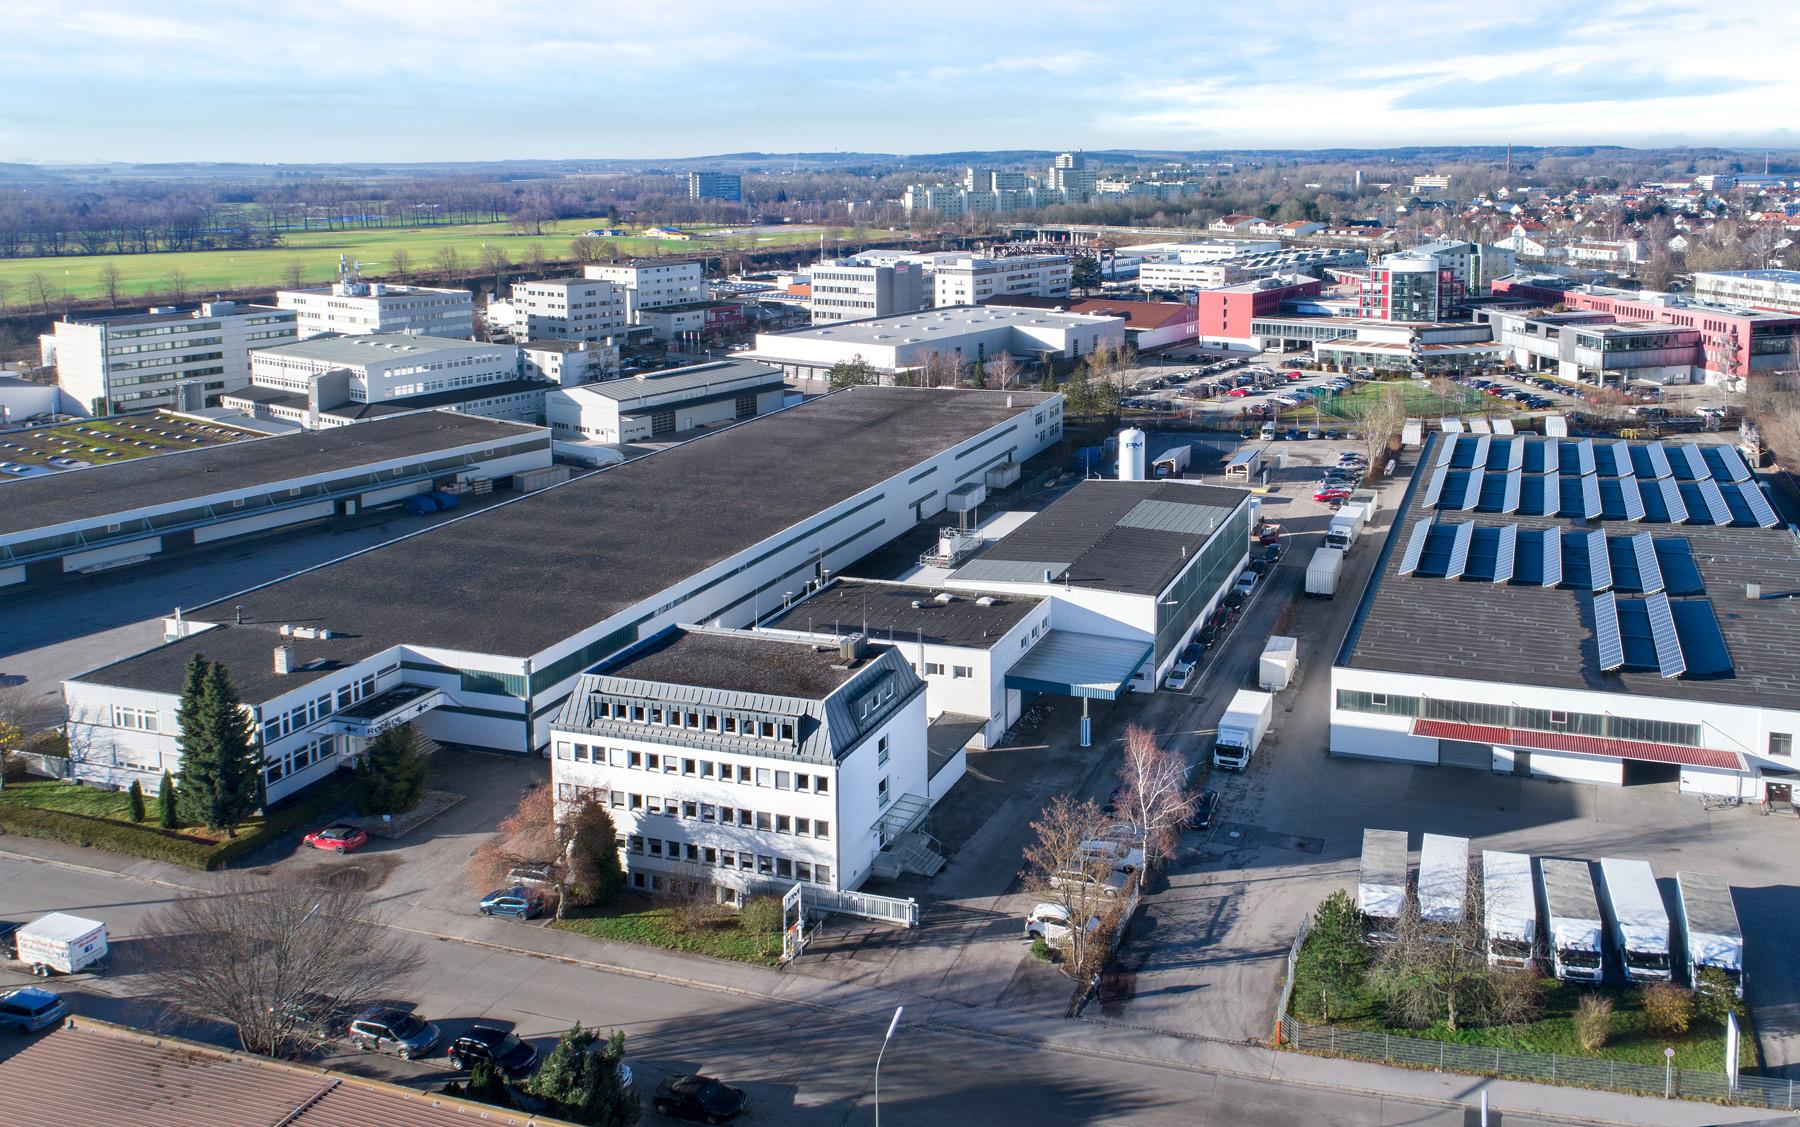 München: Proton Motor begrüßt die Umbenennung von Mutterkonzern